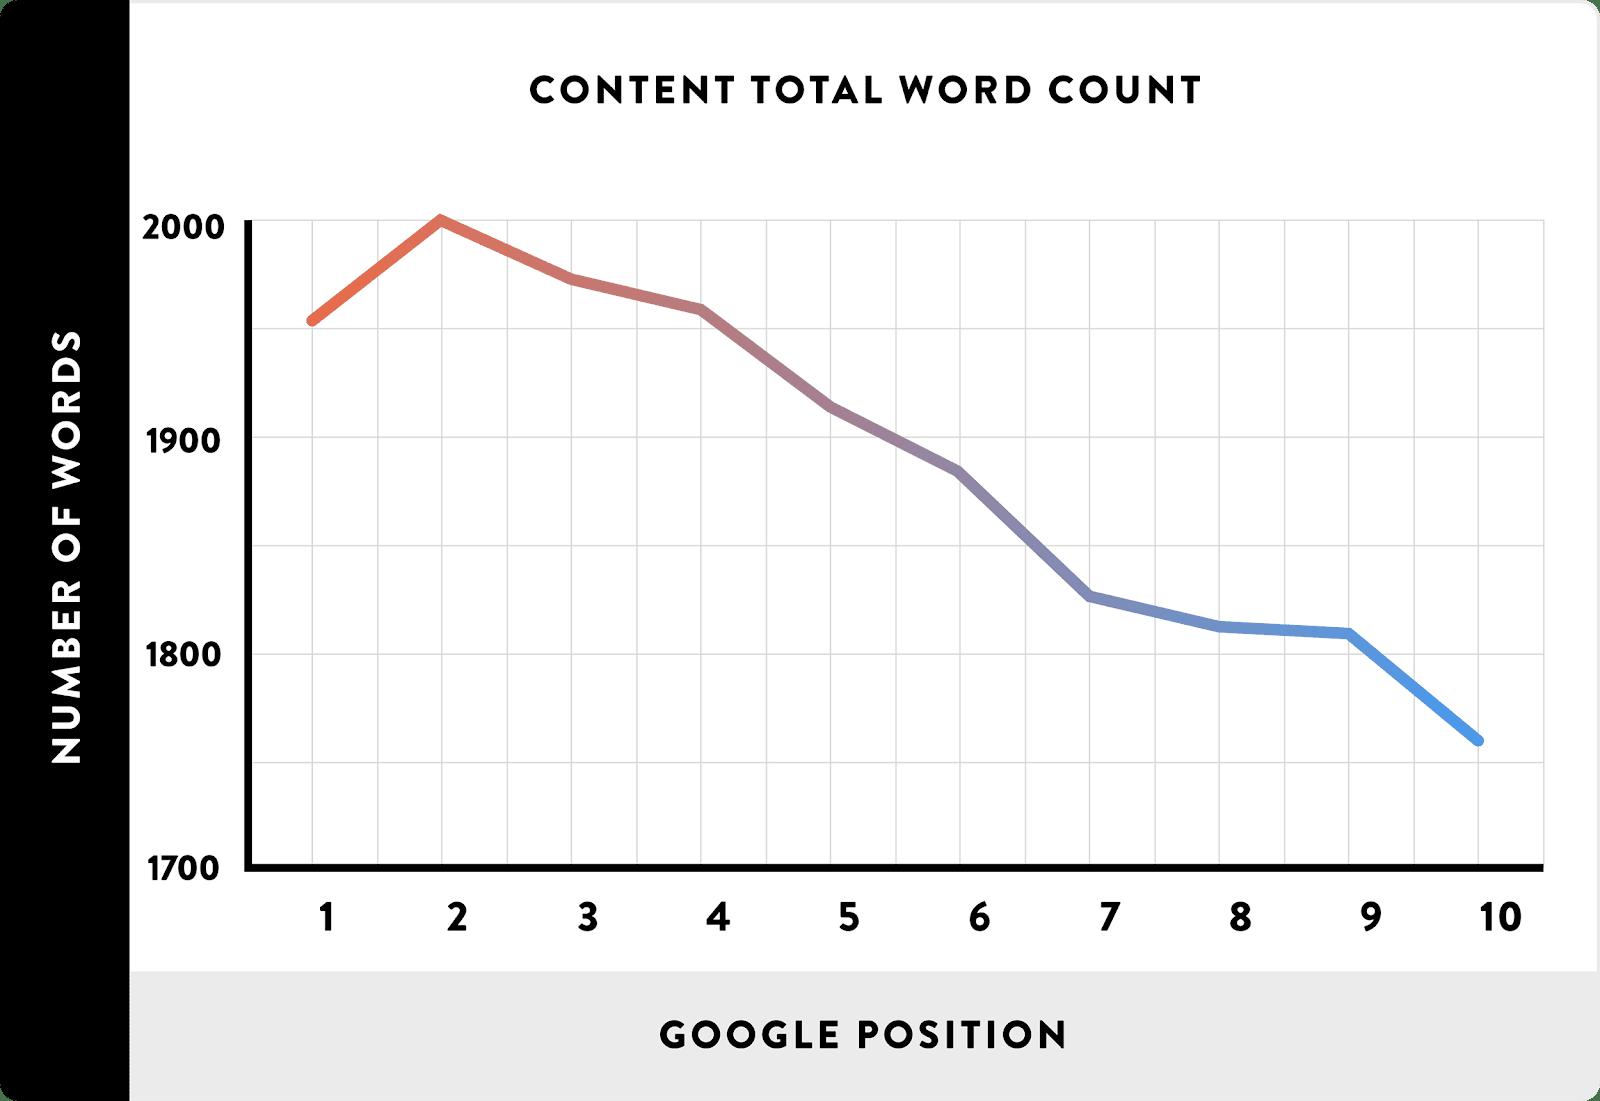 SEO Content - Tổng số từ có trong nội dung